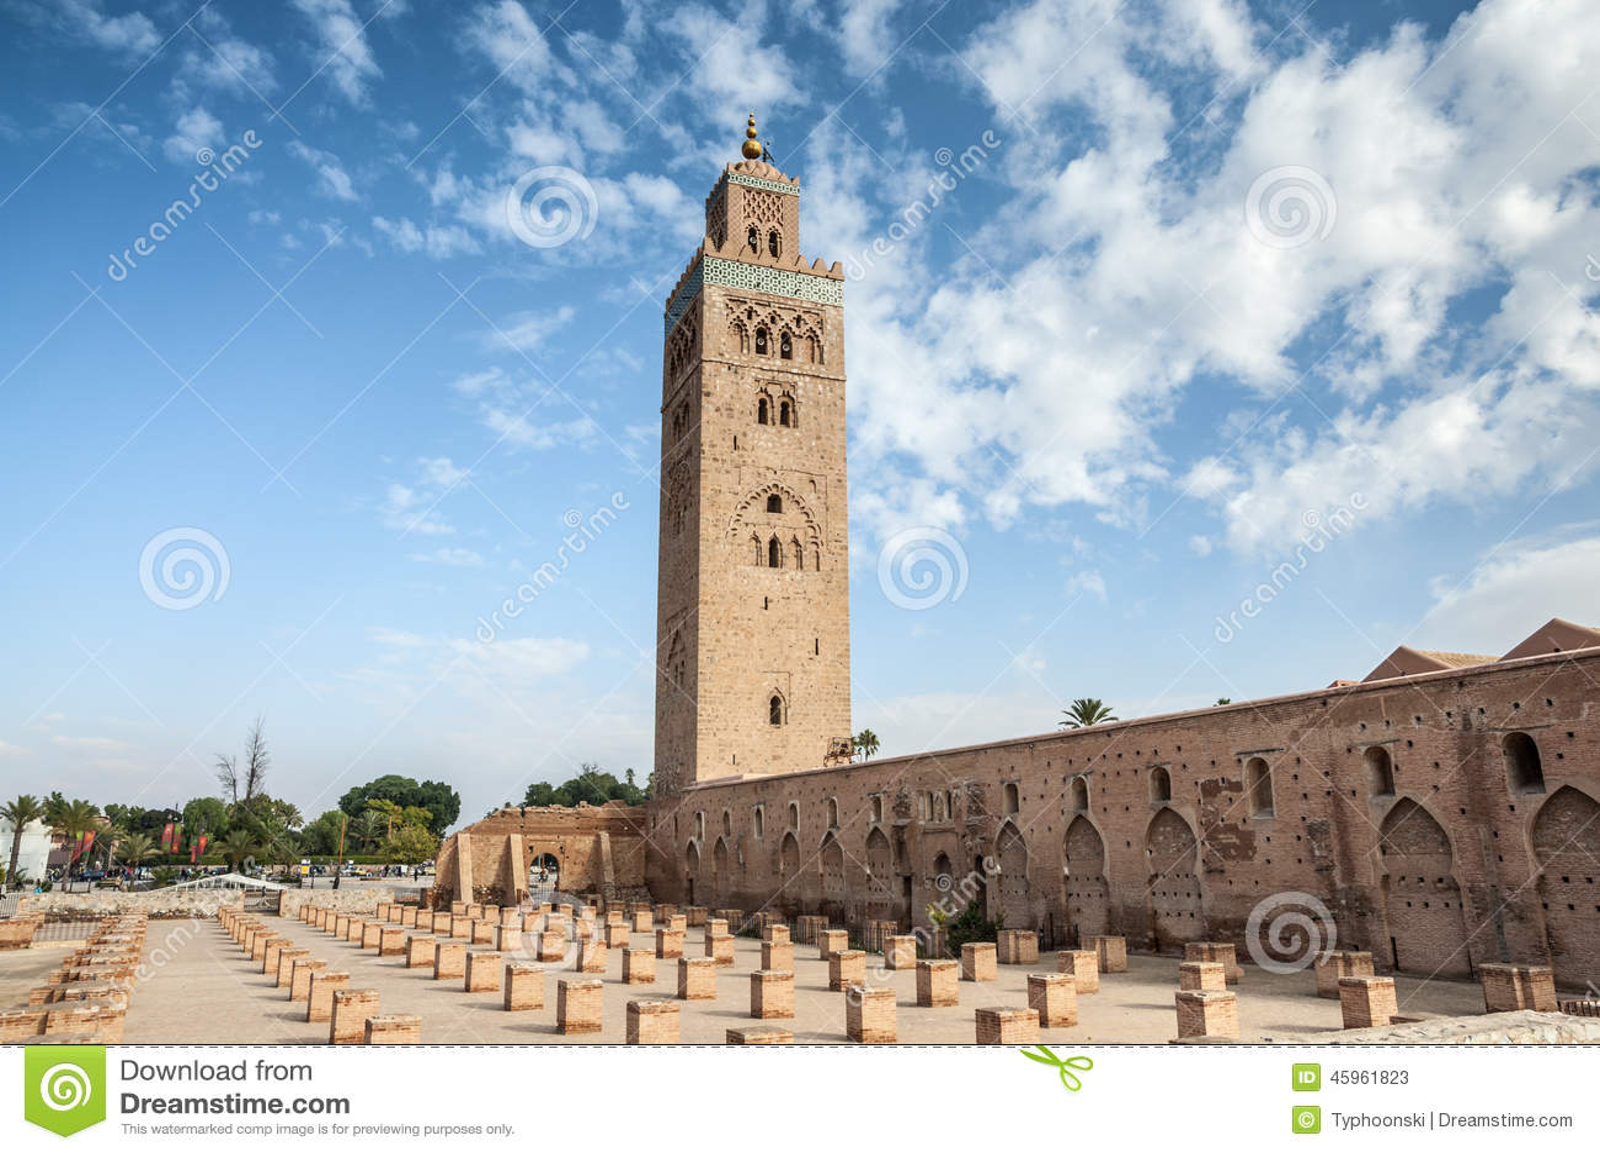 De Moskee Van Koutoubia In Marrakech Redactionele Stock Foto Image Of Oosters Marokko 45961823